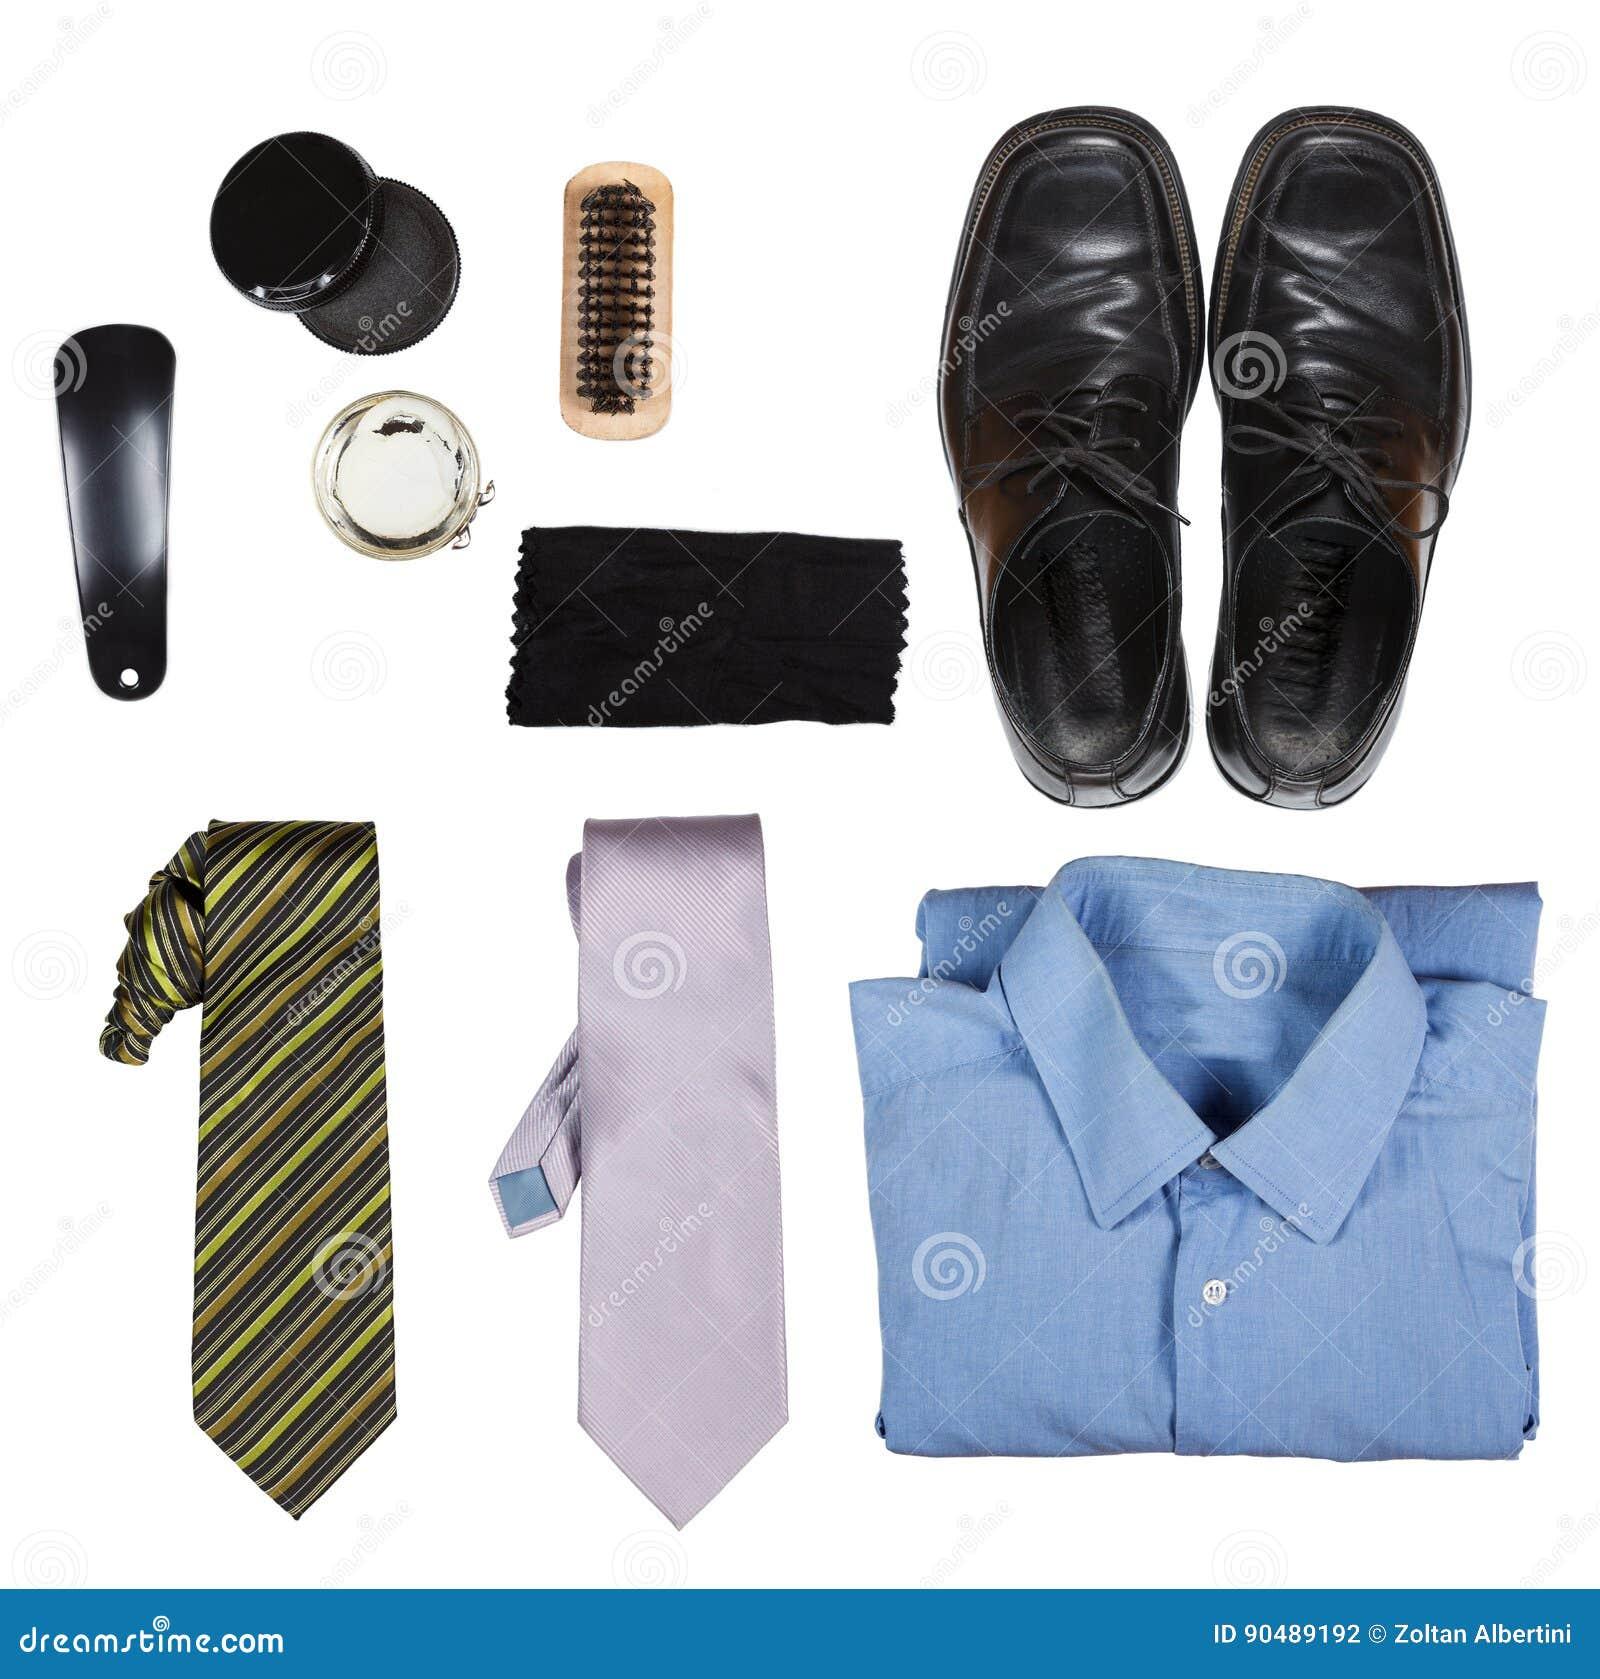 b04ca7dd08d3 Kontorskläder Och Tillbehör Arkivfoto - Bild av textil, kontor: 90489192